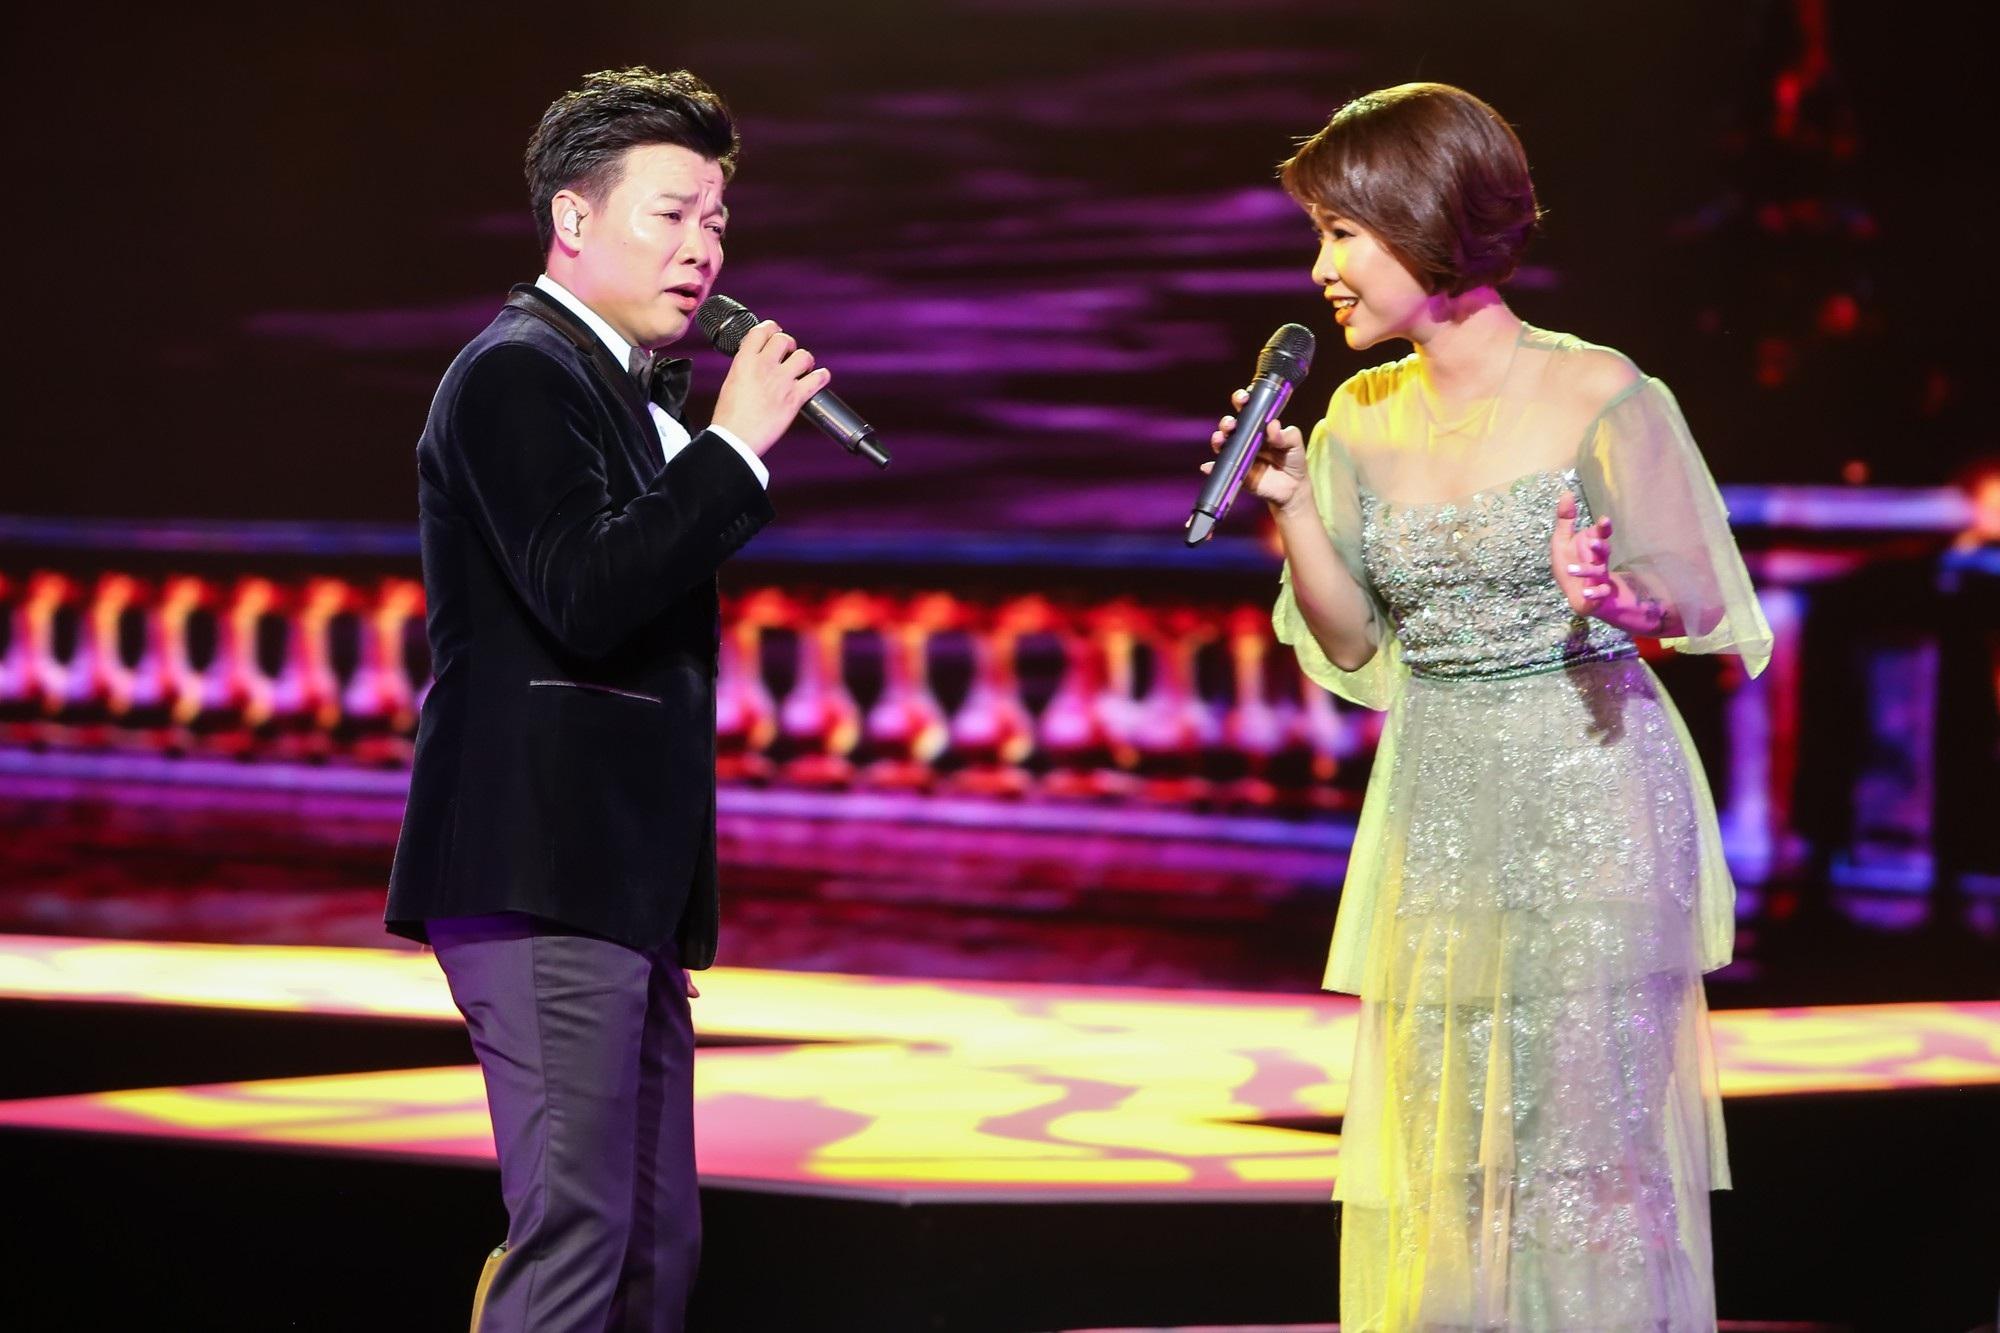 Ca sĩ Vũ Thắng Lợi bật khóc trên sân khấu khi nhắc đến bố mẹ - Ảnh 12.